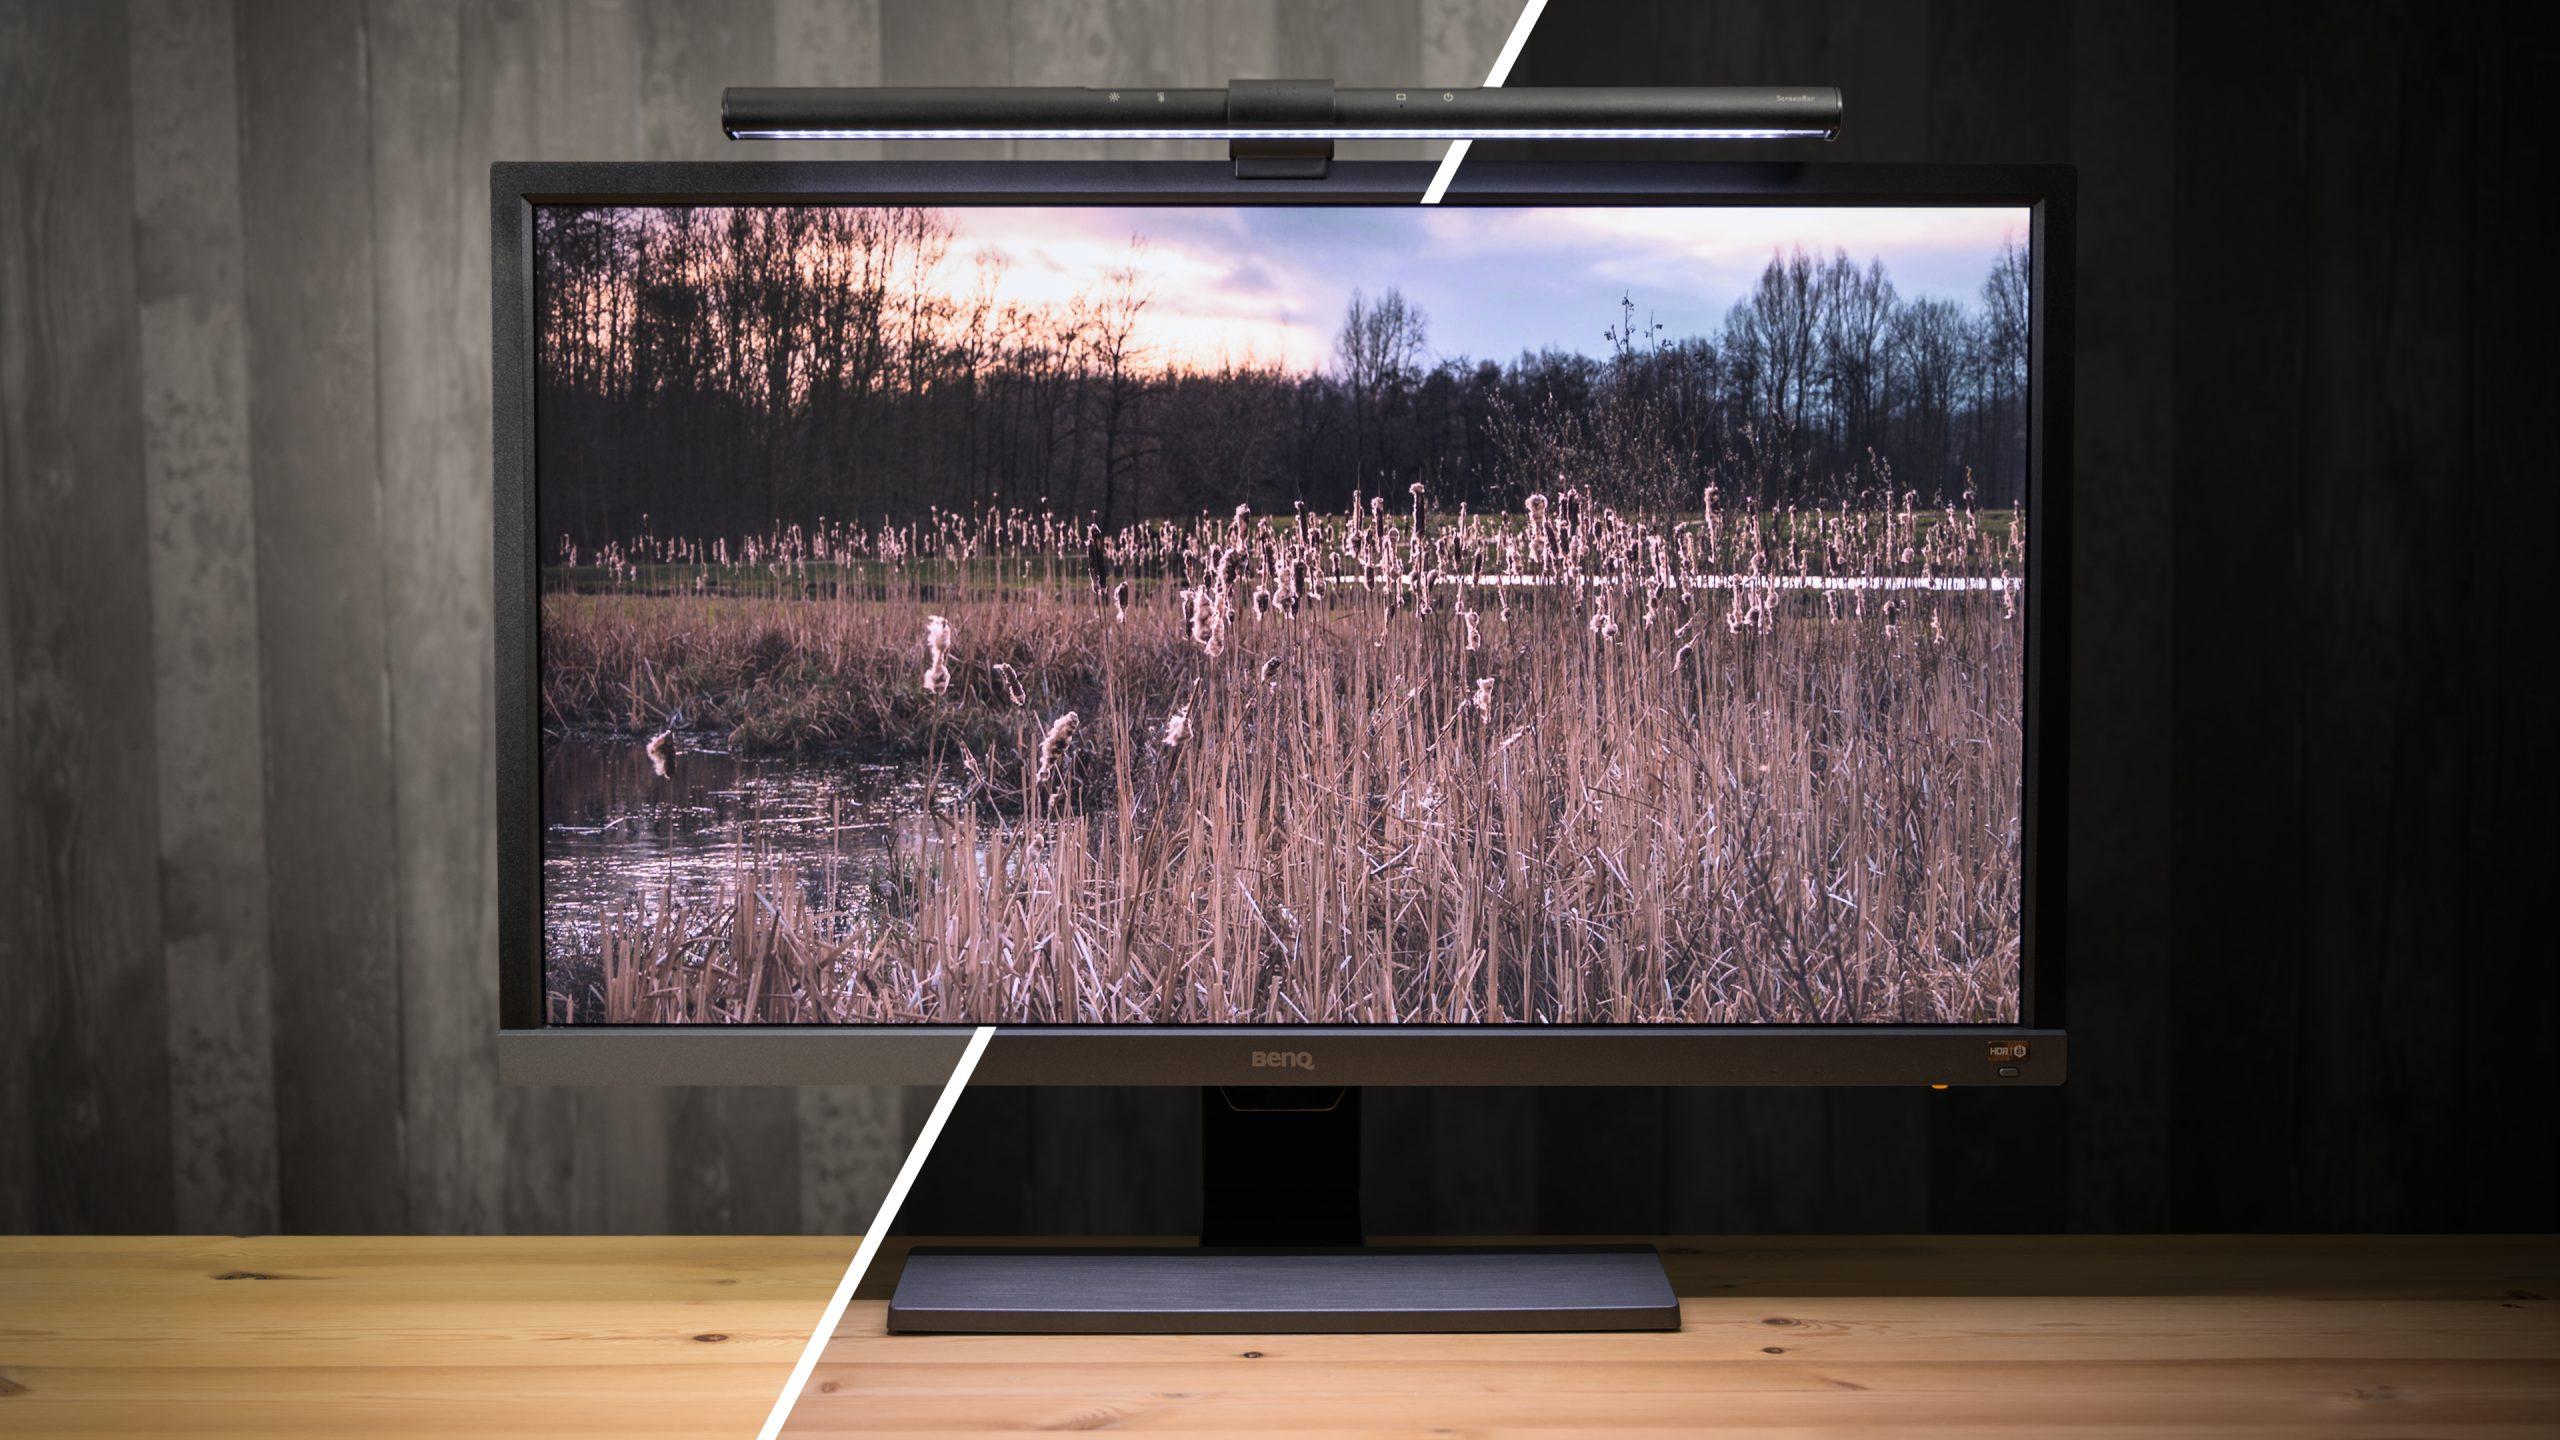 Compilatiebeeld van een beeldscherm in het licht en donker, met daarop een BenQ-schermlamp.